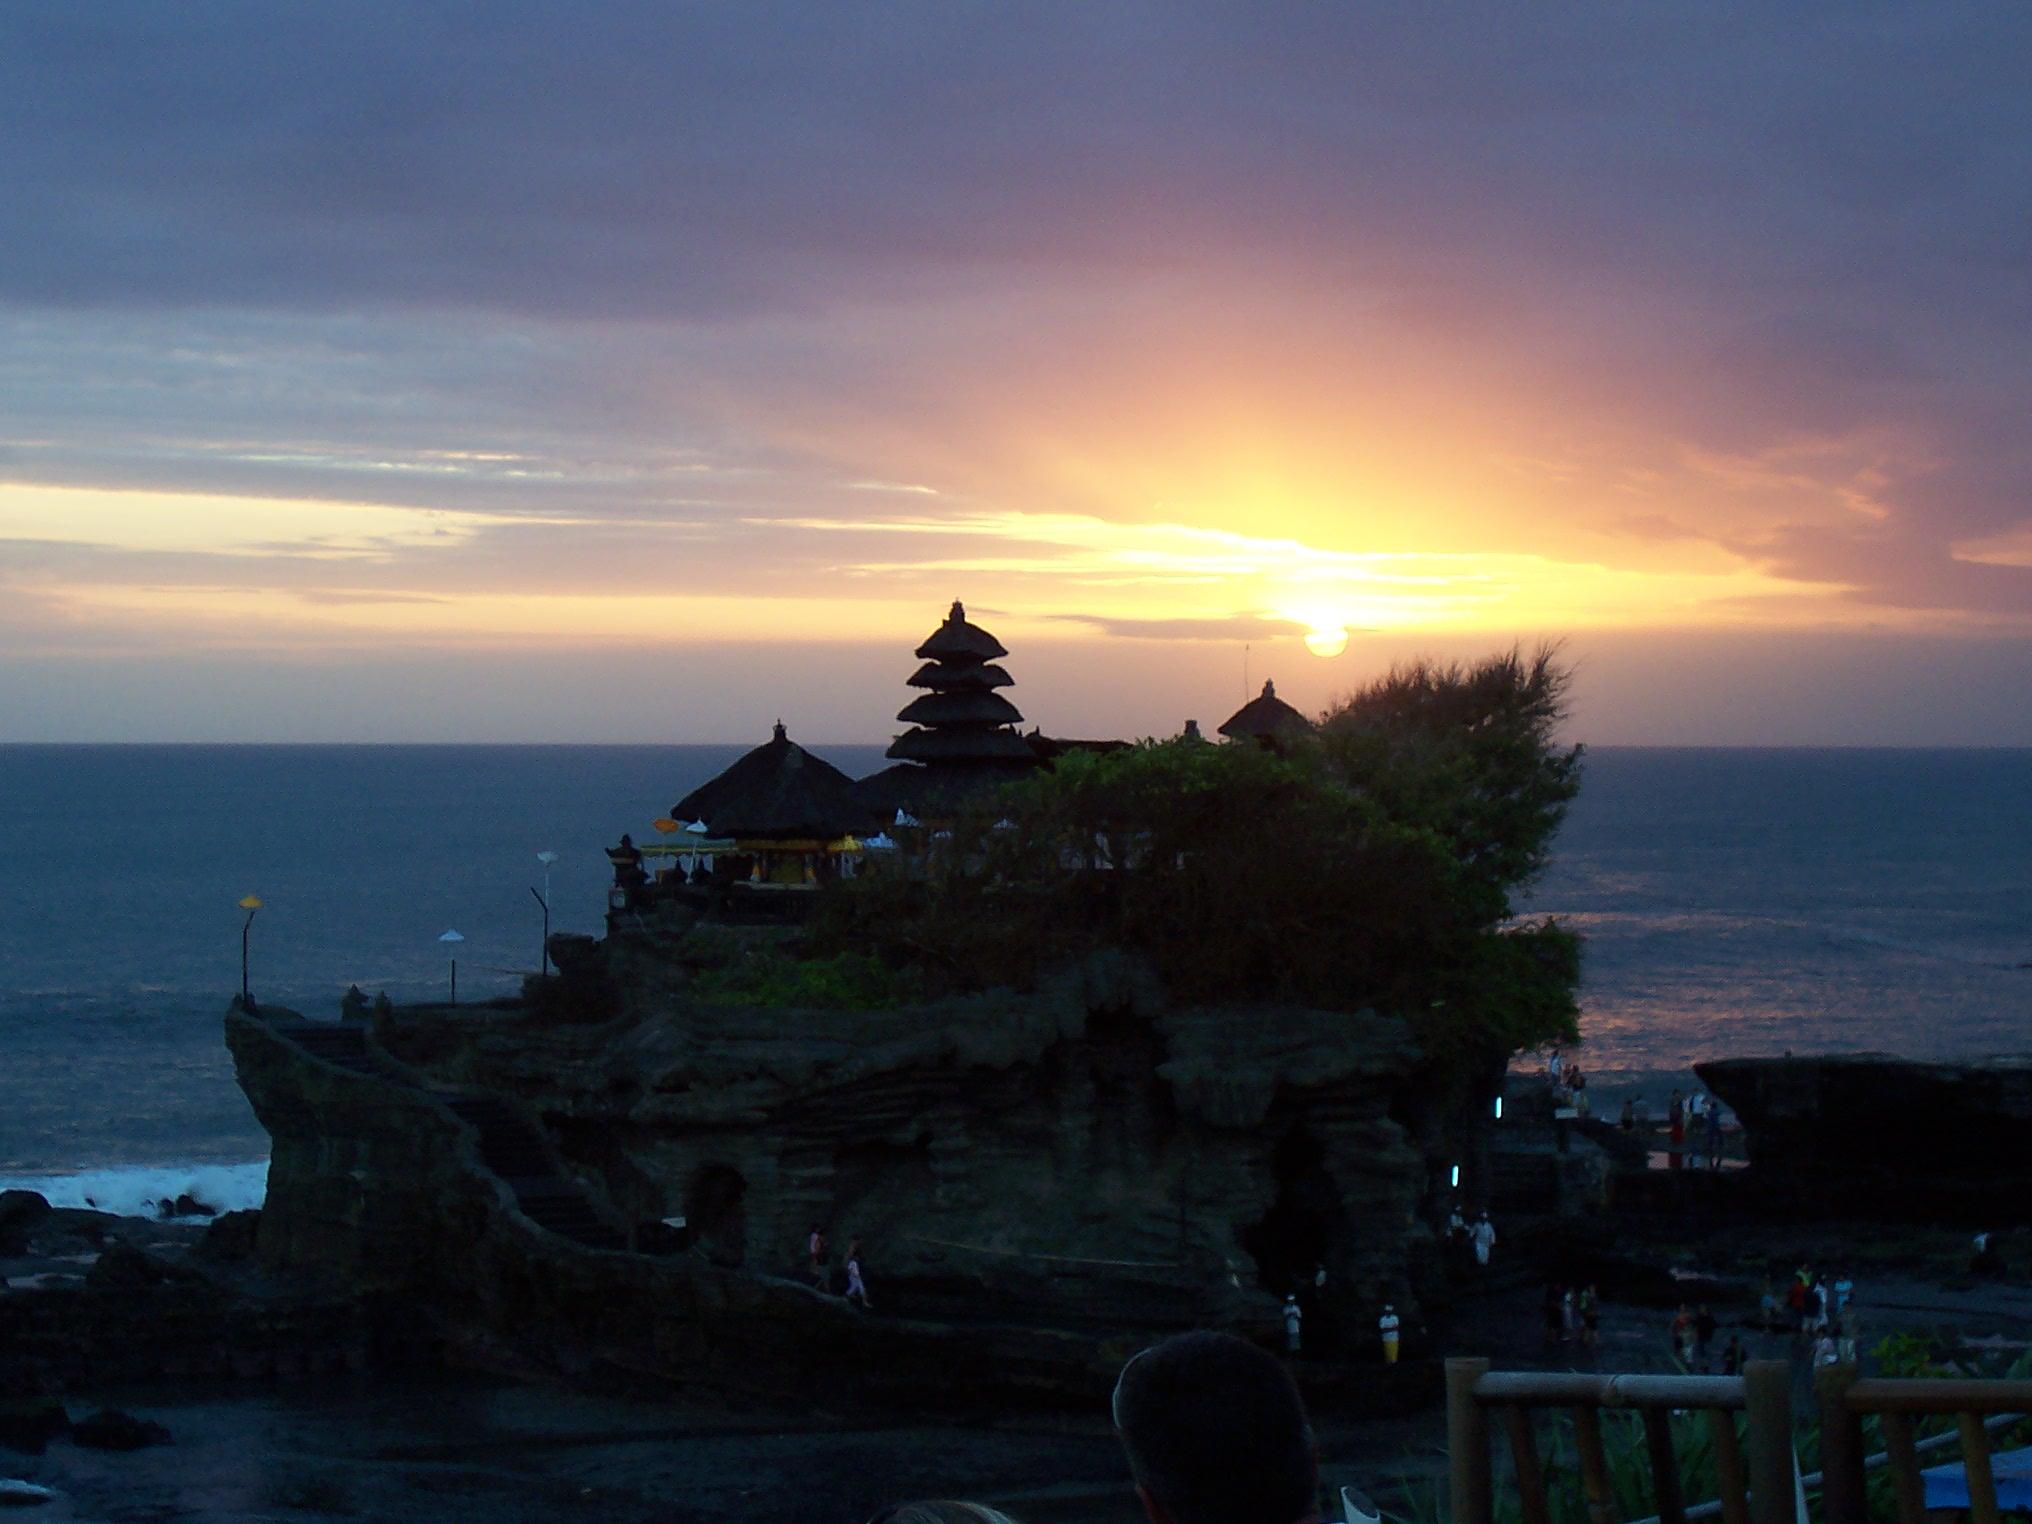 Paket Tour Bali Tanjung Benoa Gwk Pantai Kuta Tanah Lot